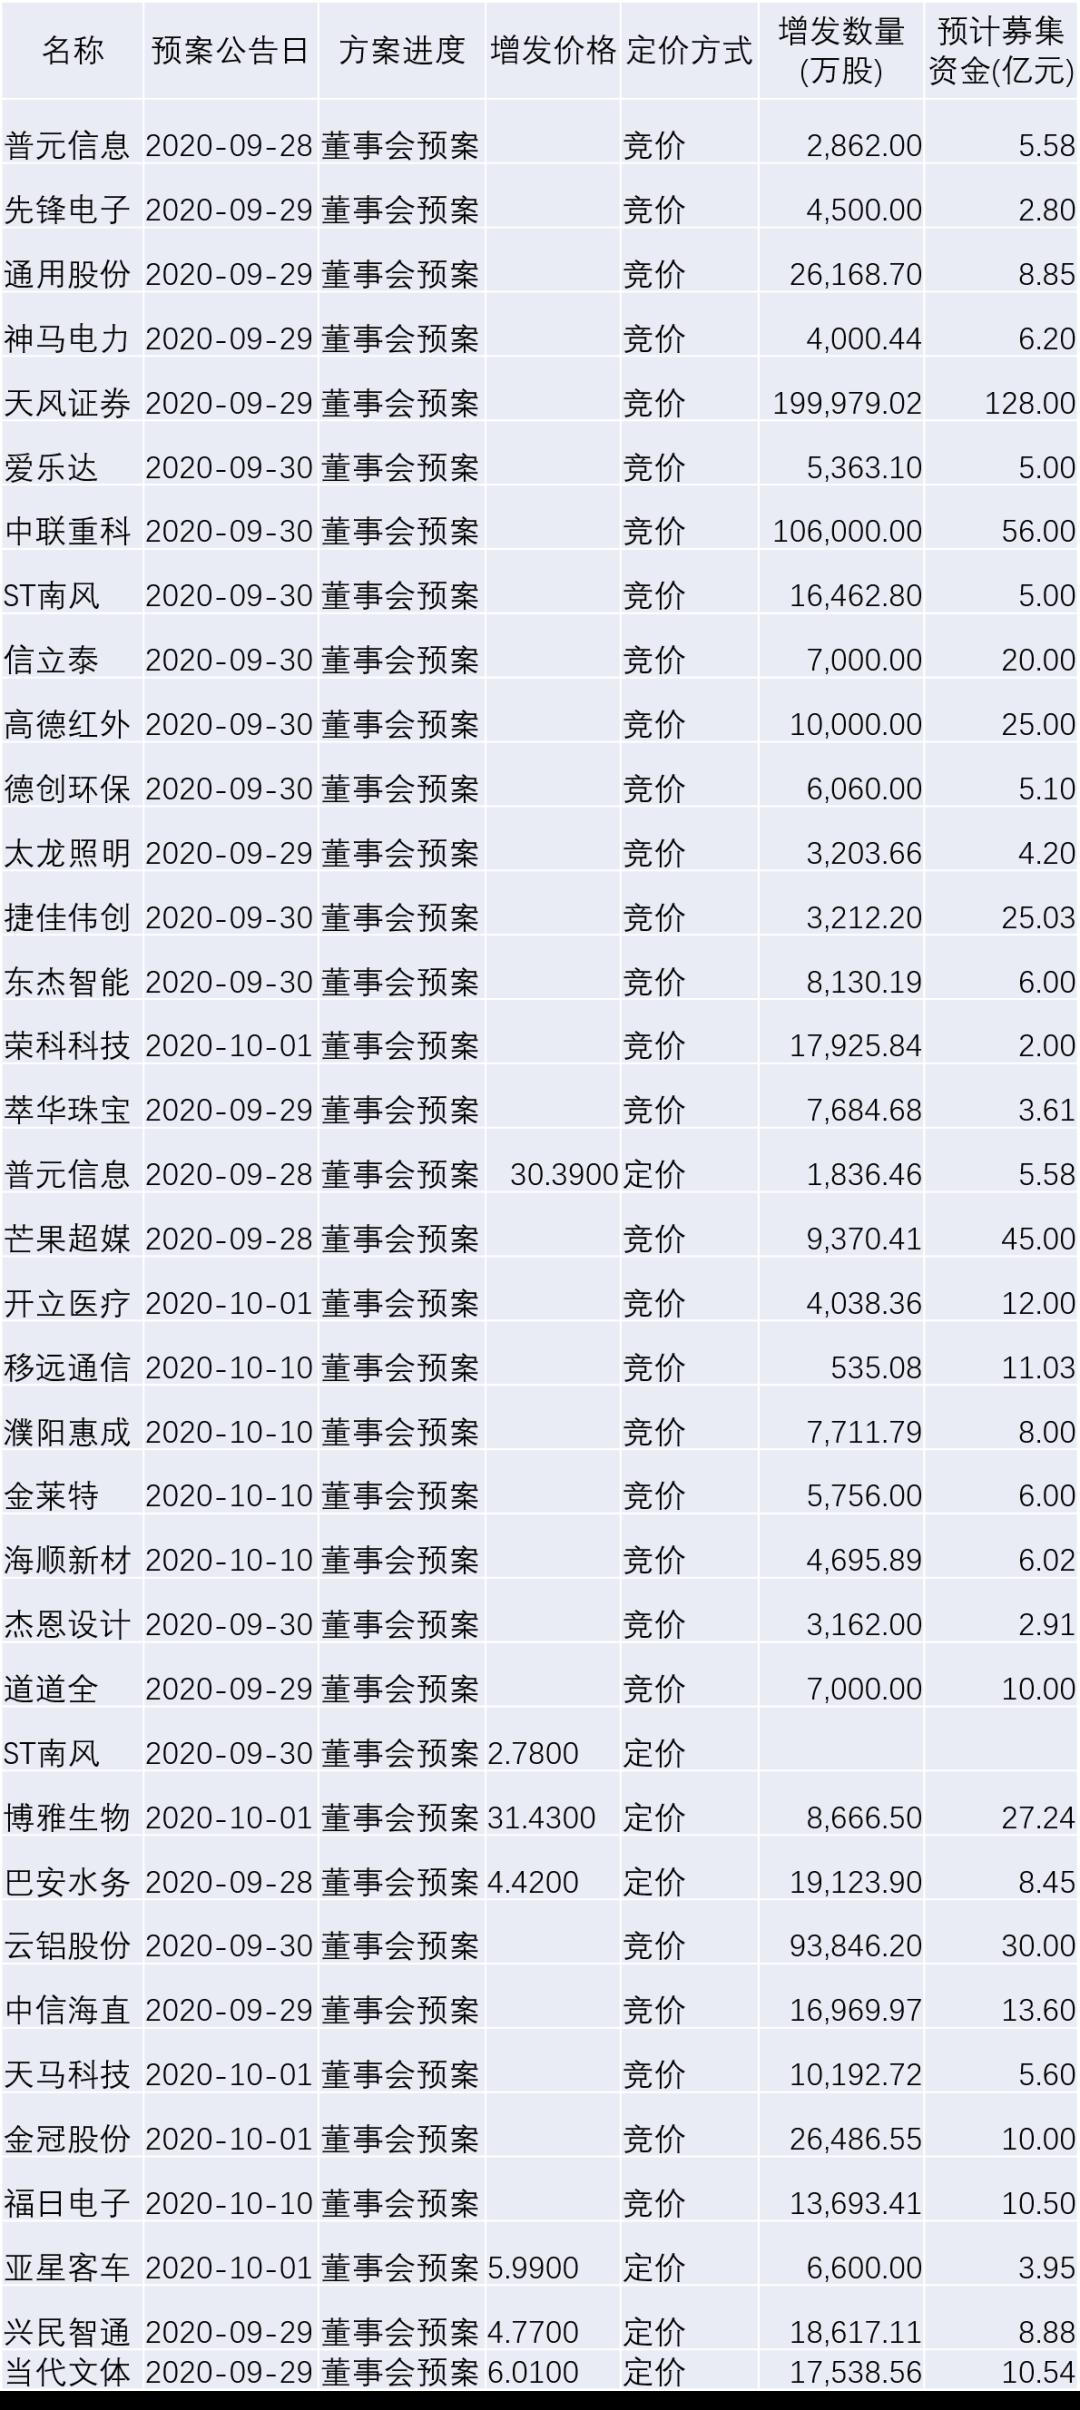 【北信瑞丰定增简报】本周关注:涪陵榨菜 拓普集团